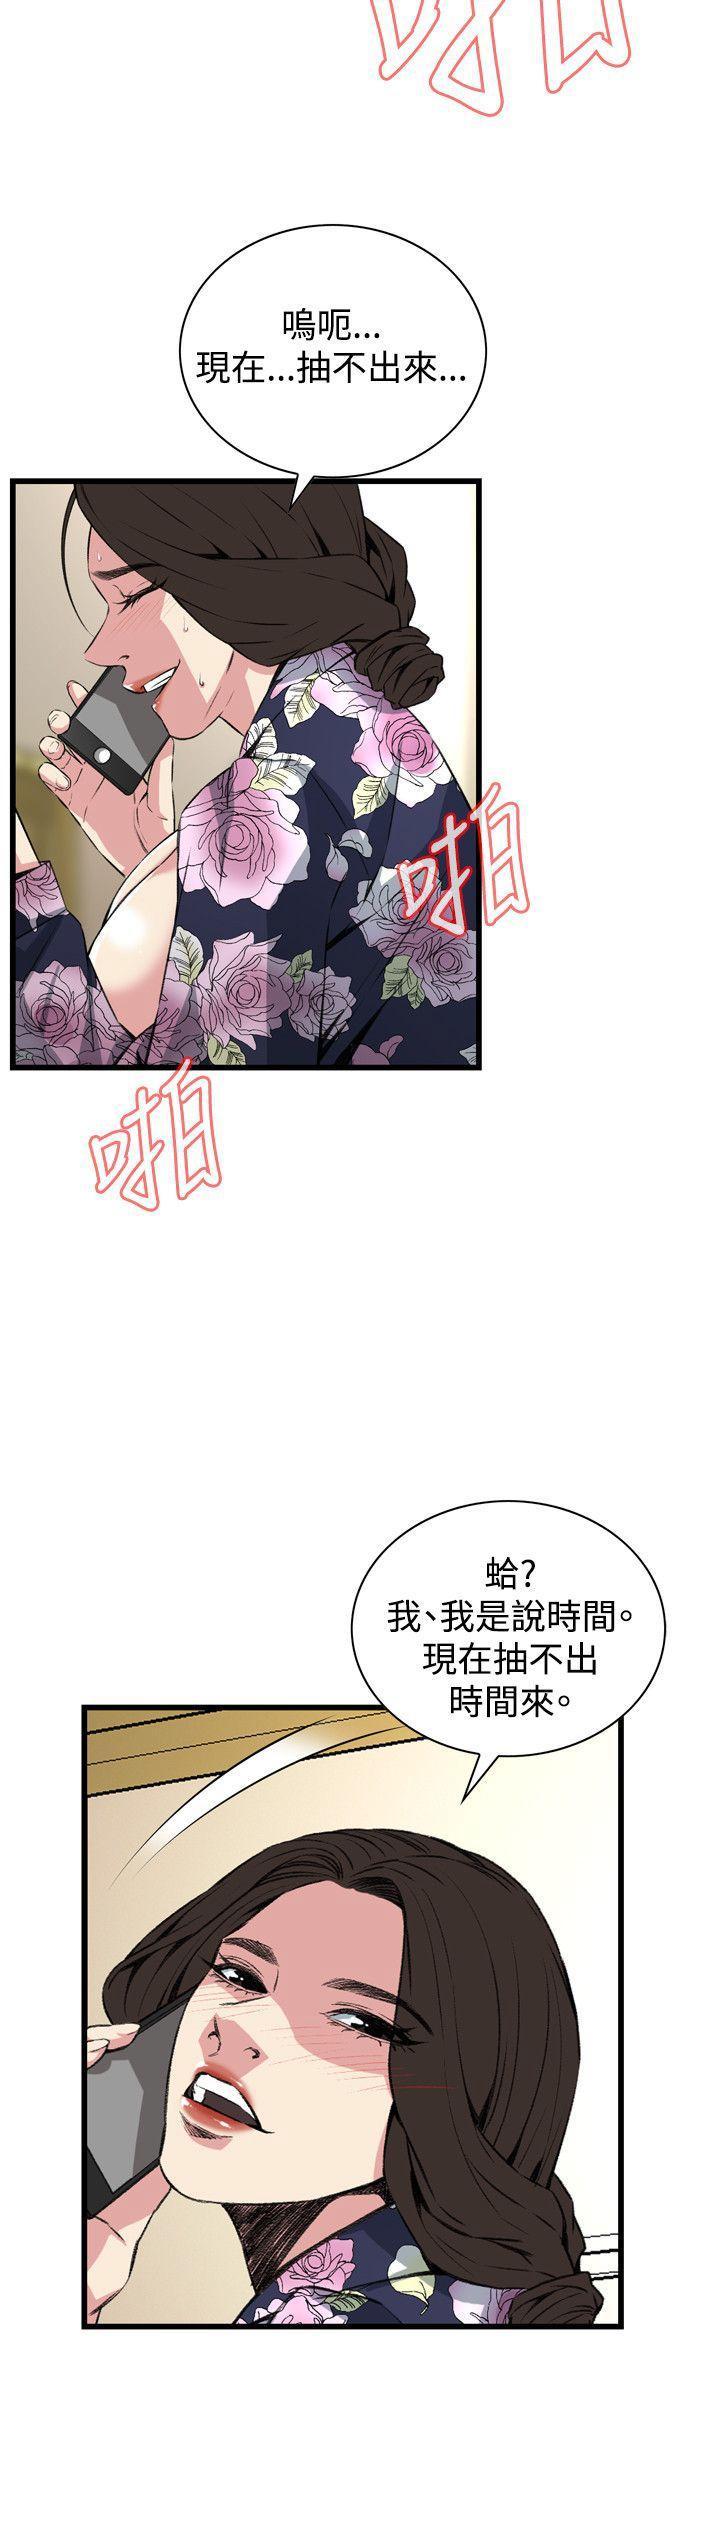 偷窥72-93 Chinese Rsiky 16